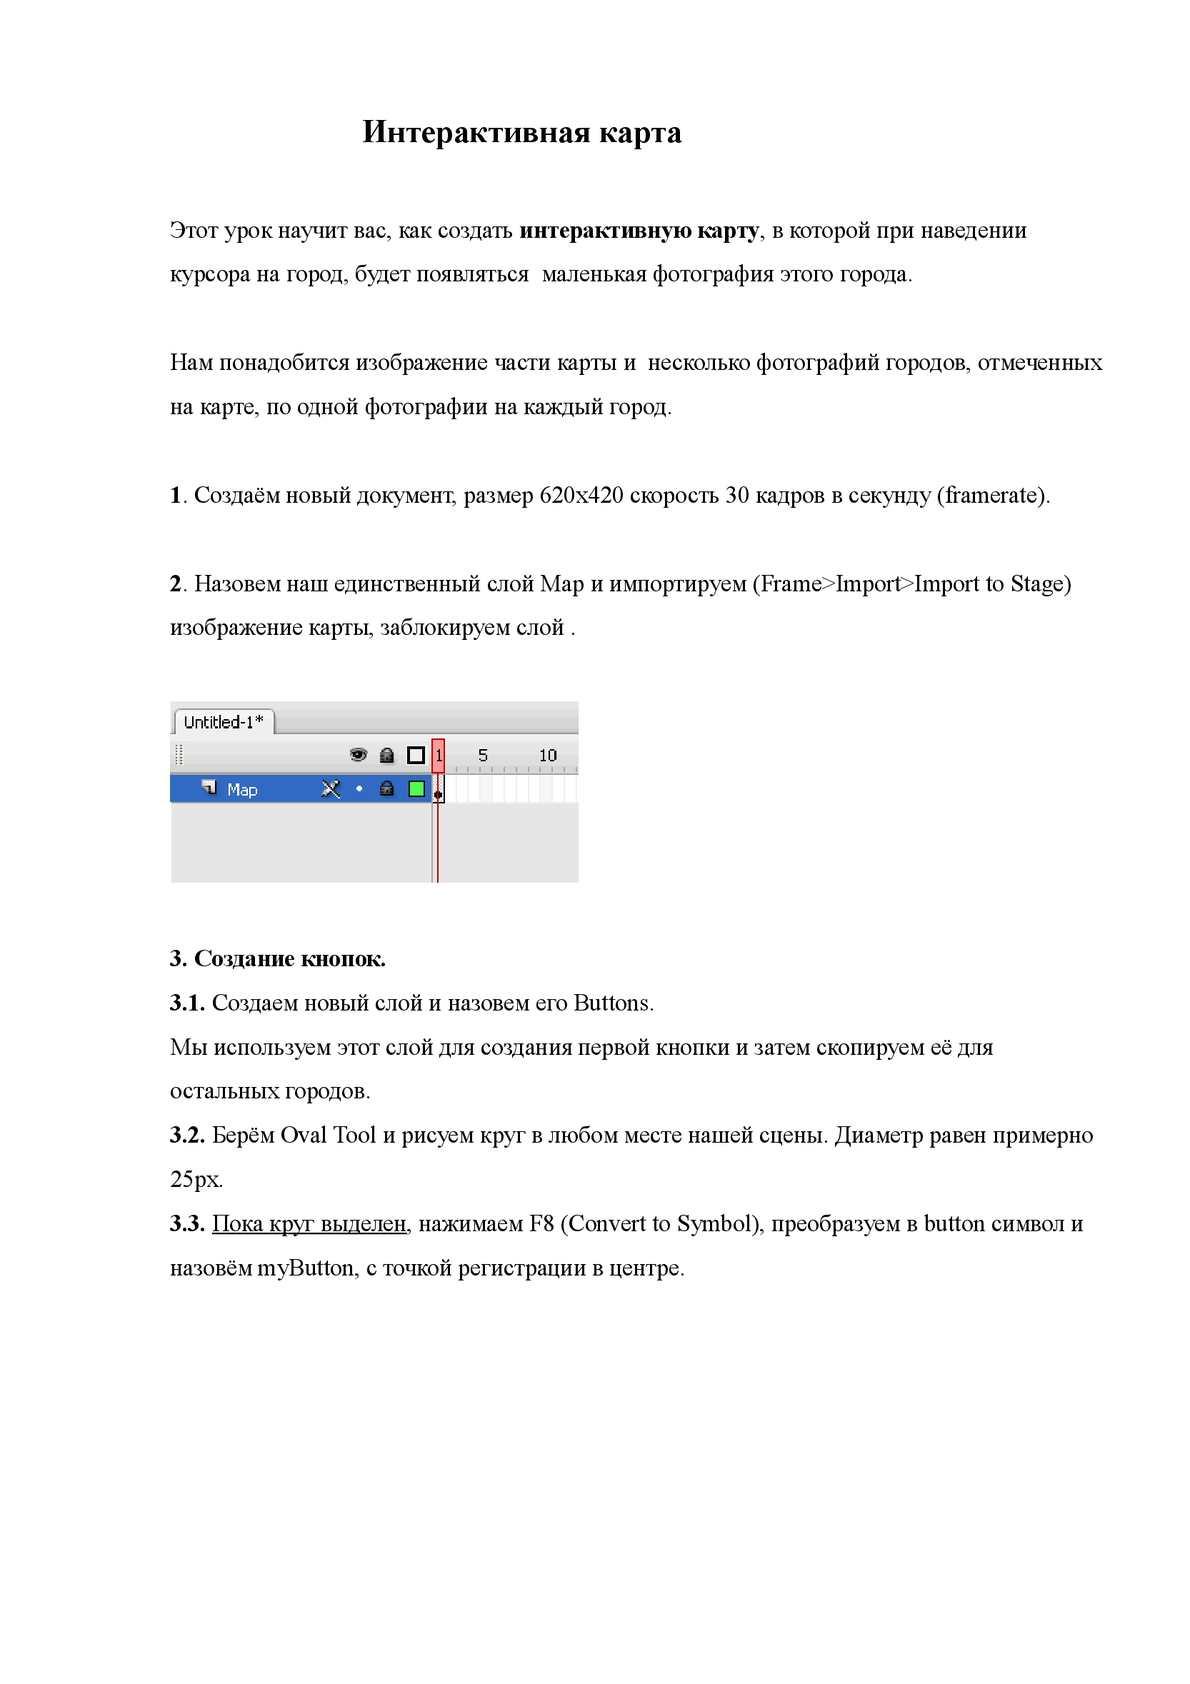 Создание интерактивной карты в Adobe Flash.